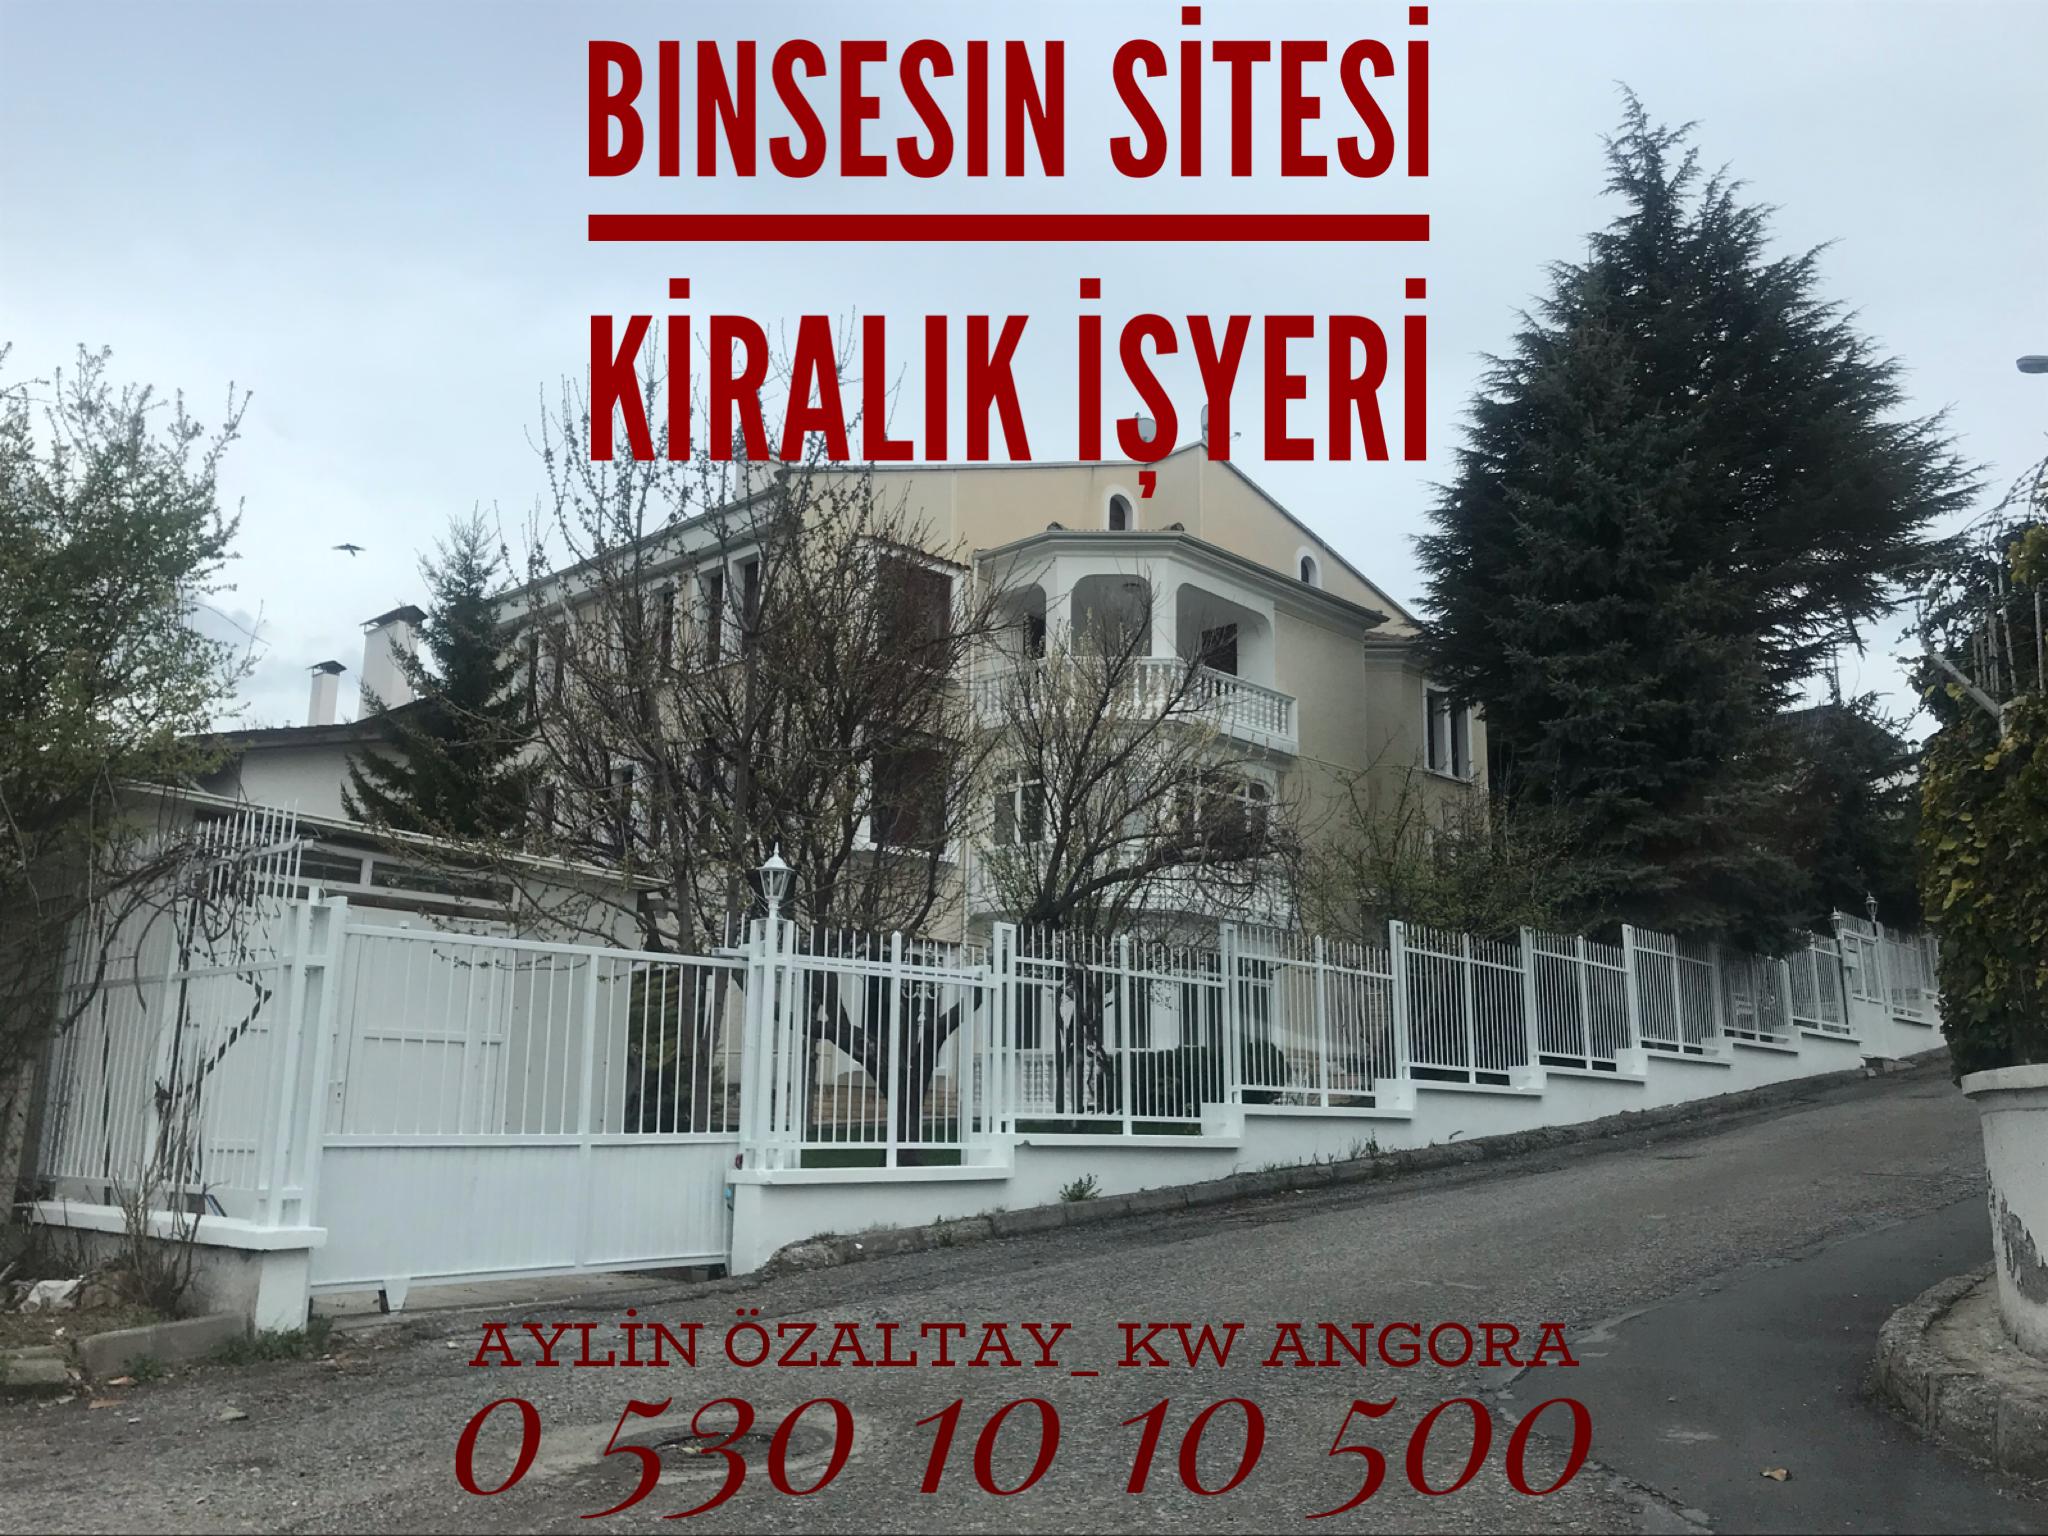 Ümitköy Binsesin Sitesinde KW M.Aylin ÖZALTAY'dan Kiralık Köşe Villa